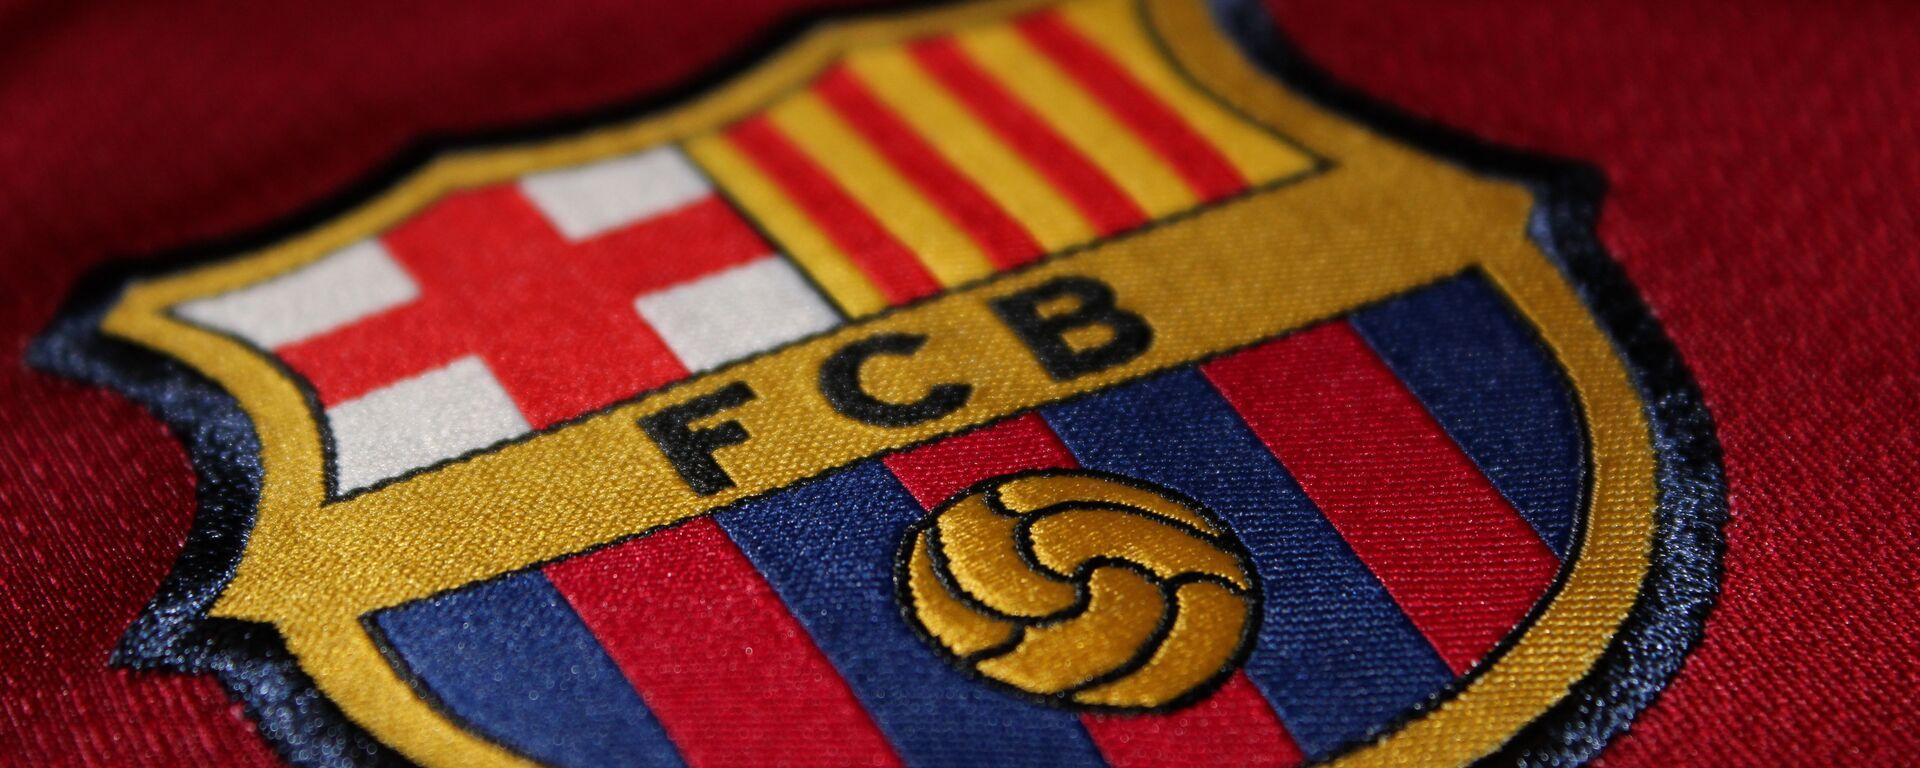 Logo de FC Barcelona - Sputnik Mundo, 1920, 01.03.2021